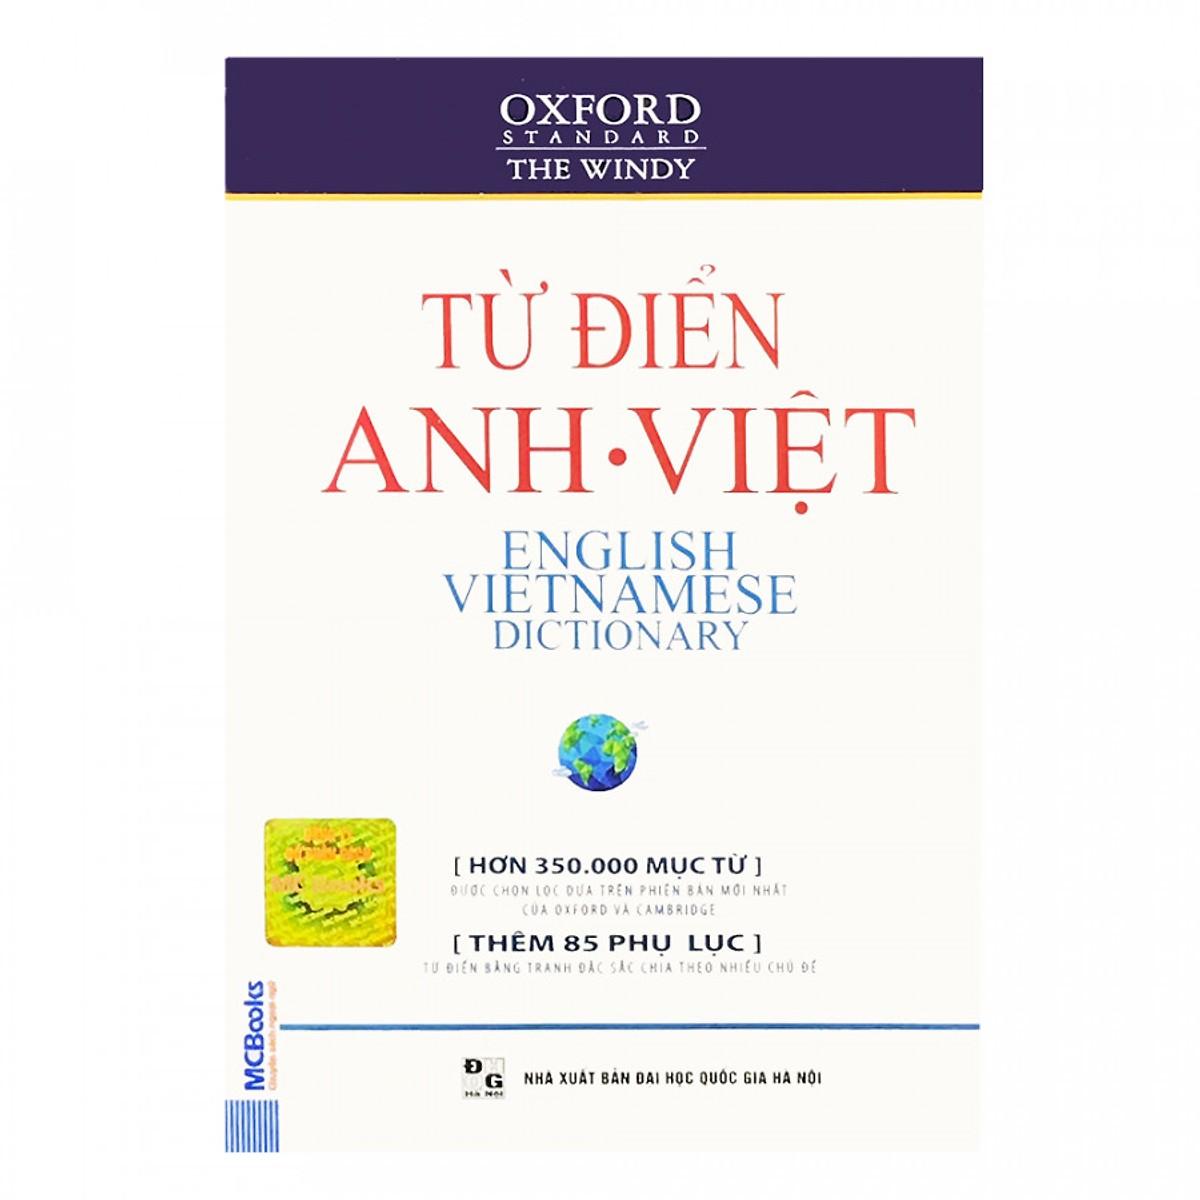 Từ Điển Oxford Anh - Việt (Hơn 350.000 Từ) (Bìa Mềm Màu Trắng) (Tặng Kèm Bút Hoạt Hình Cực Xinh)